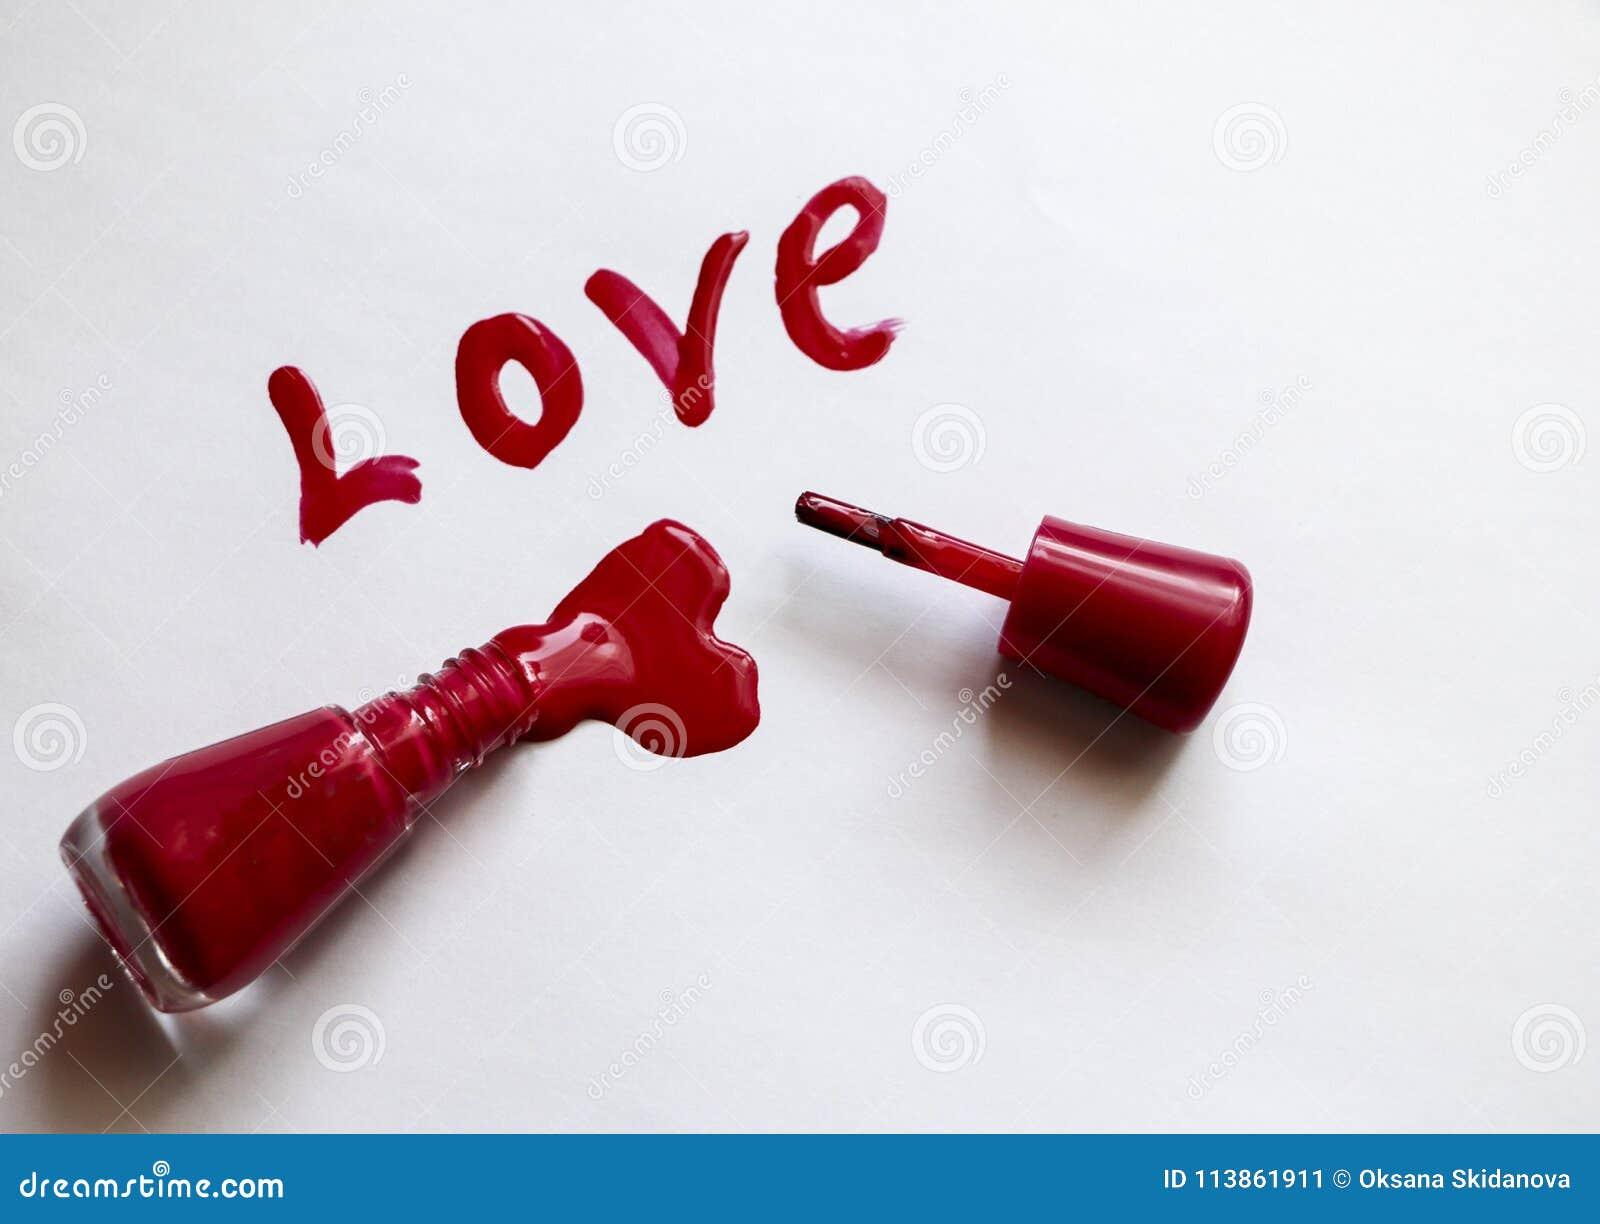 Laque Rouge Amour - écrit Dans Le Vernis à Ongles Rouge Sur Un Fond ...